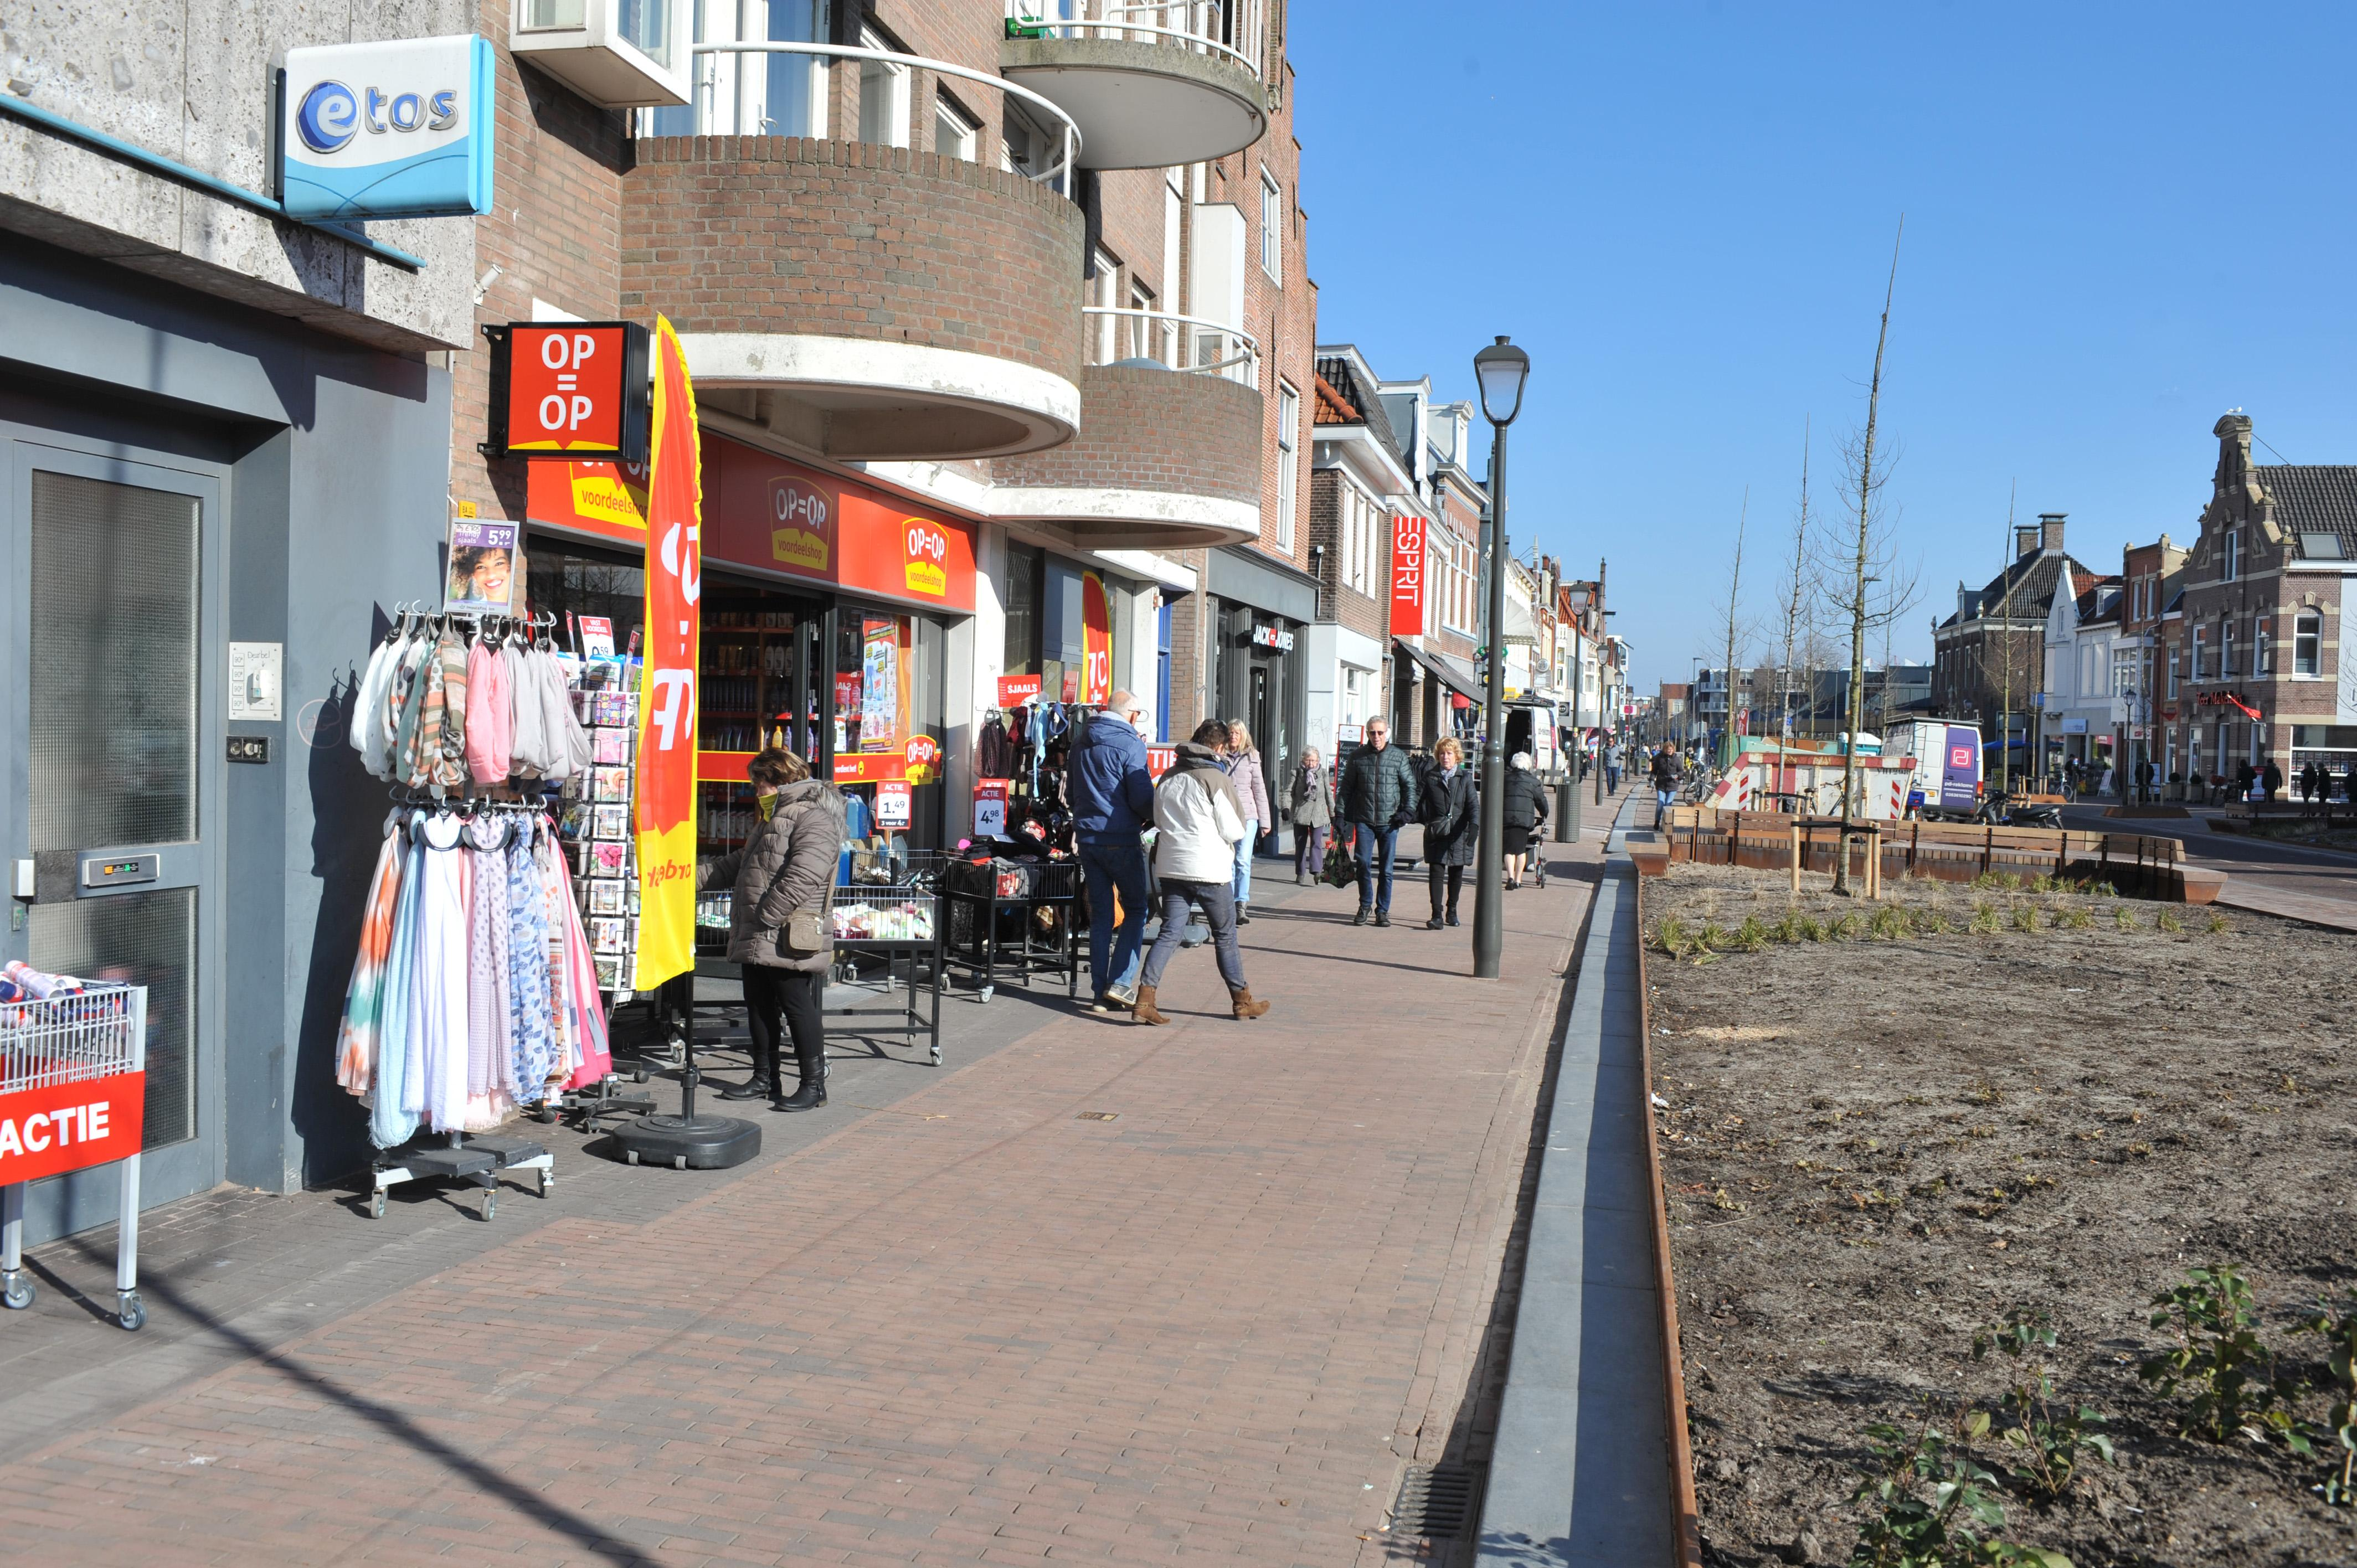 Prijswinnend marketingconcept voor Beverwijks centrum werpt zijn vruchten af: vijftien nieuwe winkels erbij in coronatijd